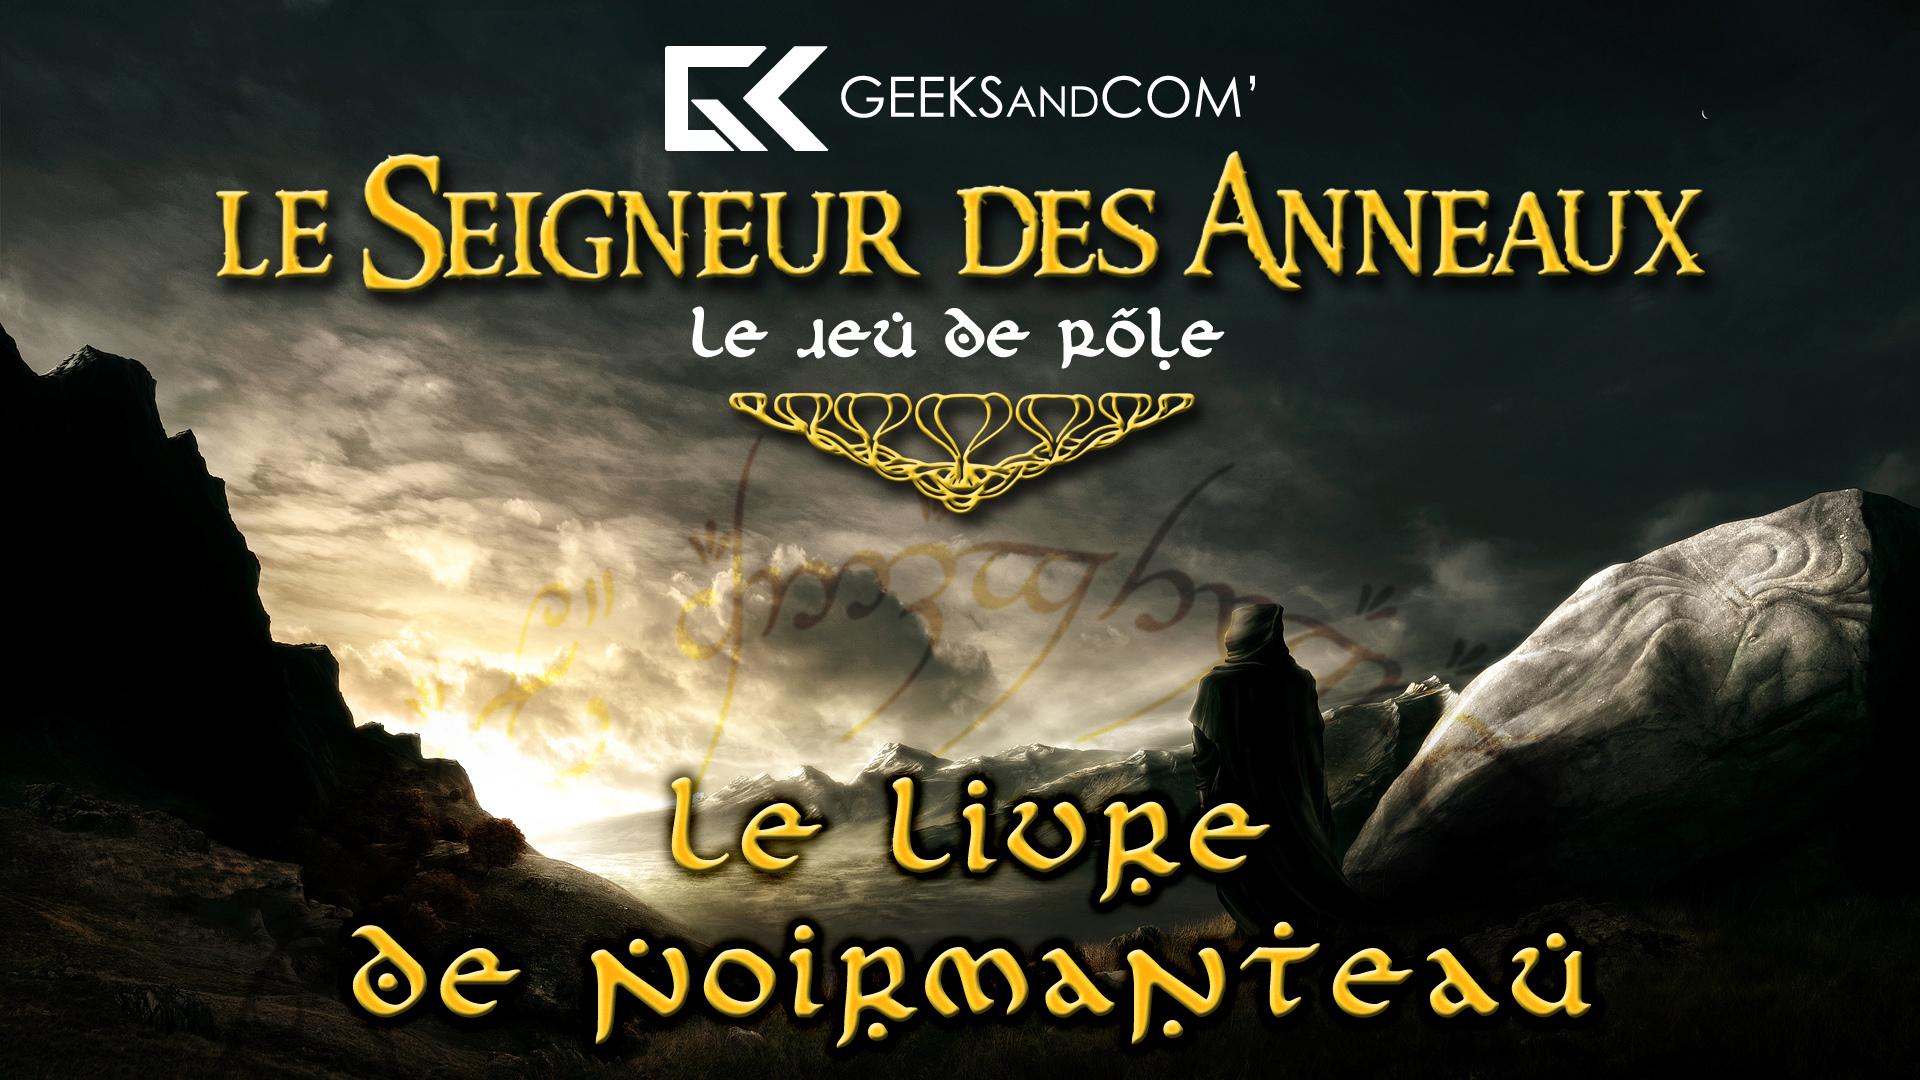 Le Livre de Noirmanteau Promo v31